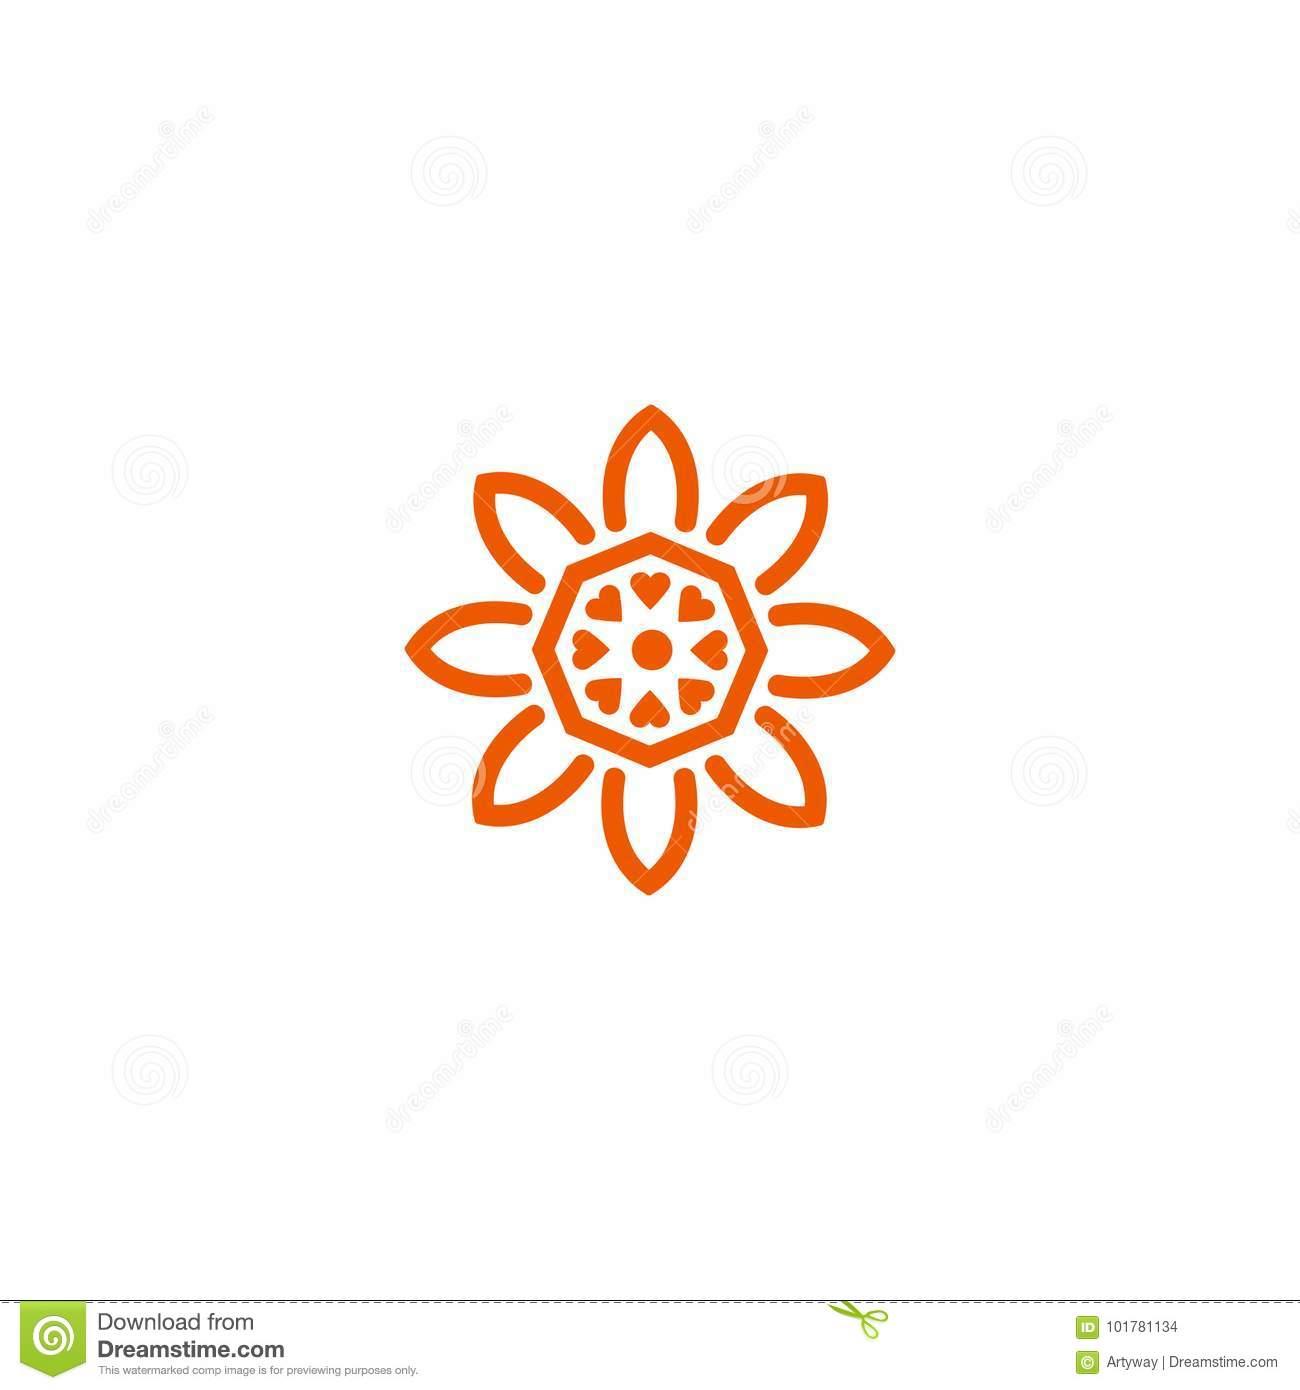 Logo Linéaire De Vecteur De Fleur Orange Icône Du Soleil De dedans Schéma D Une Fleur